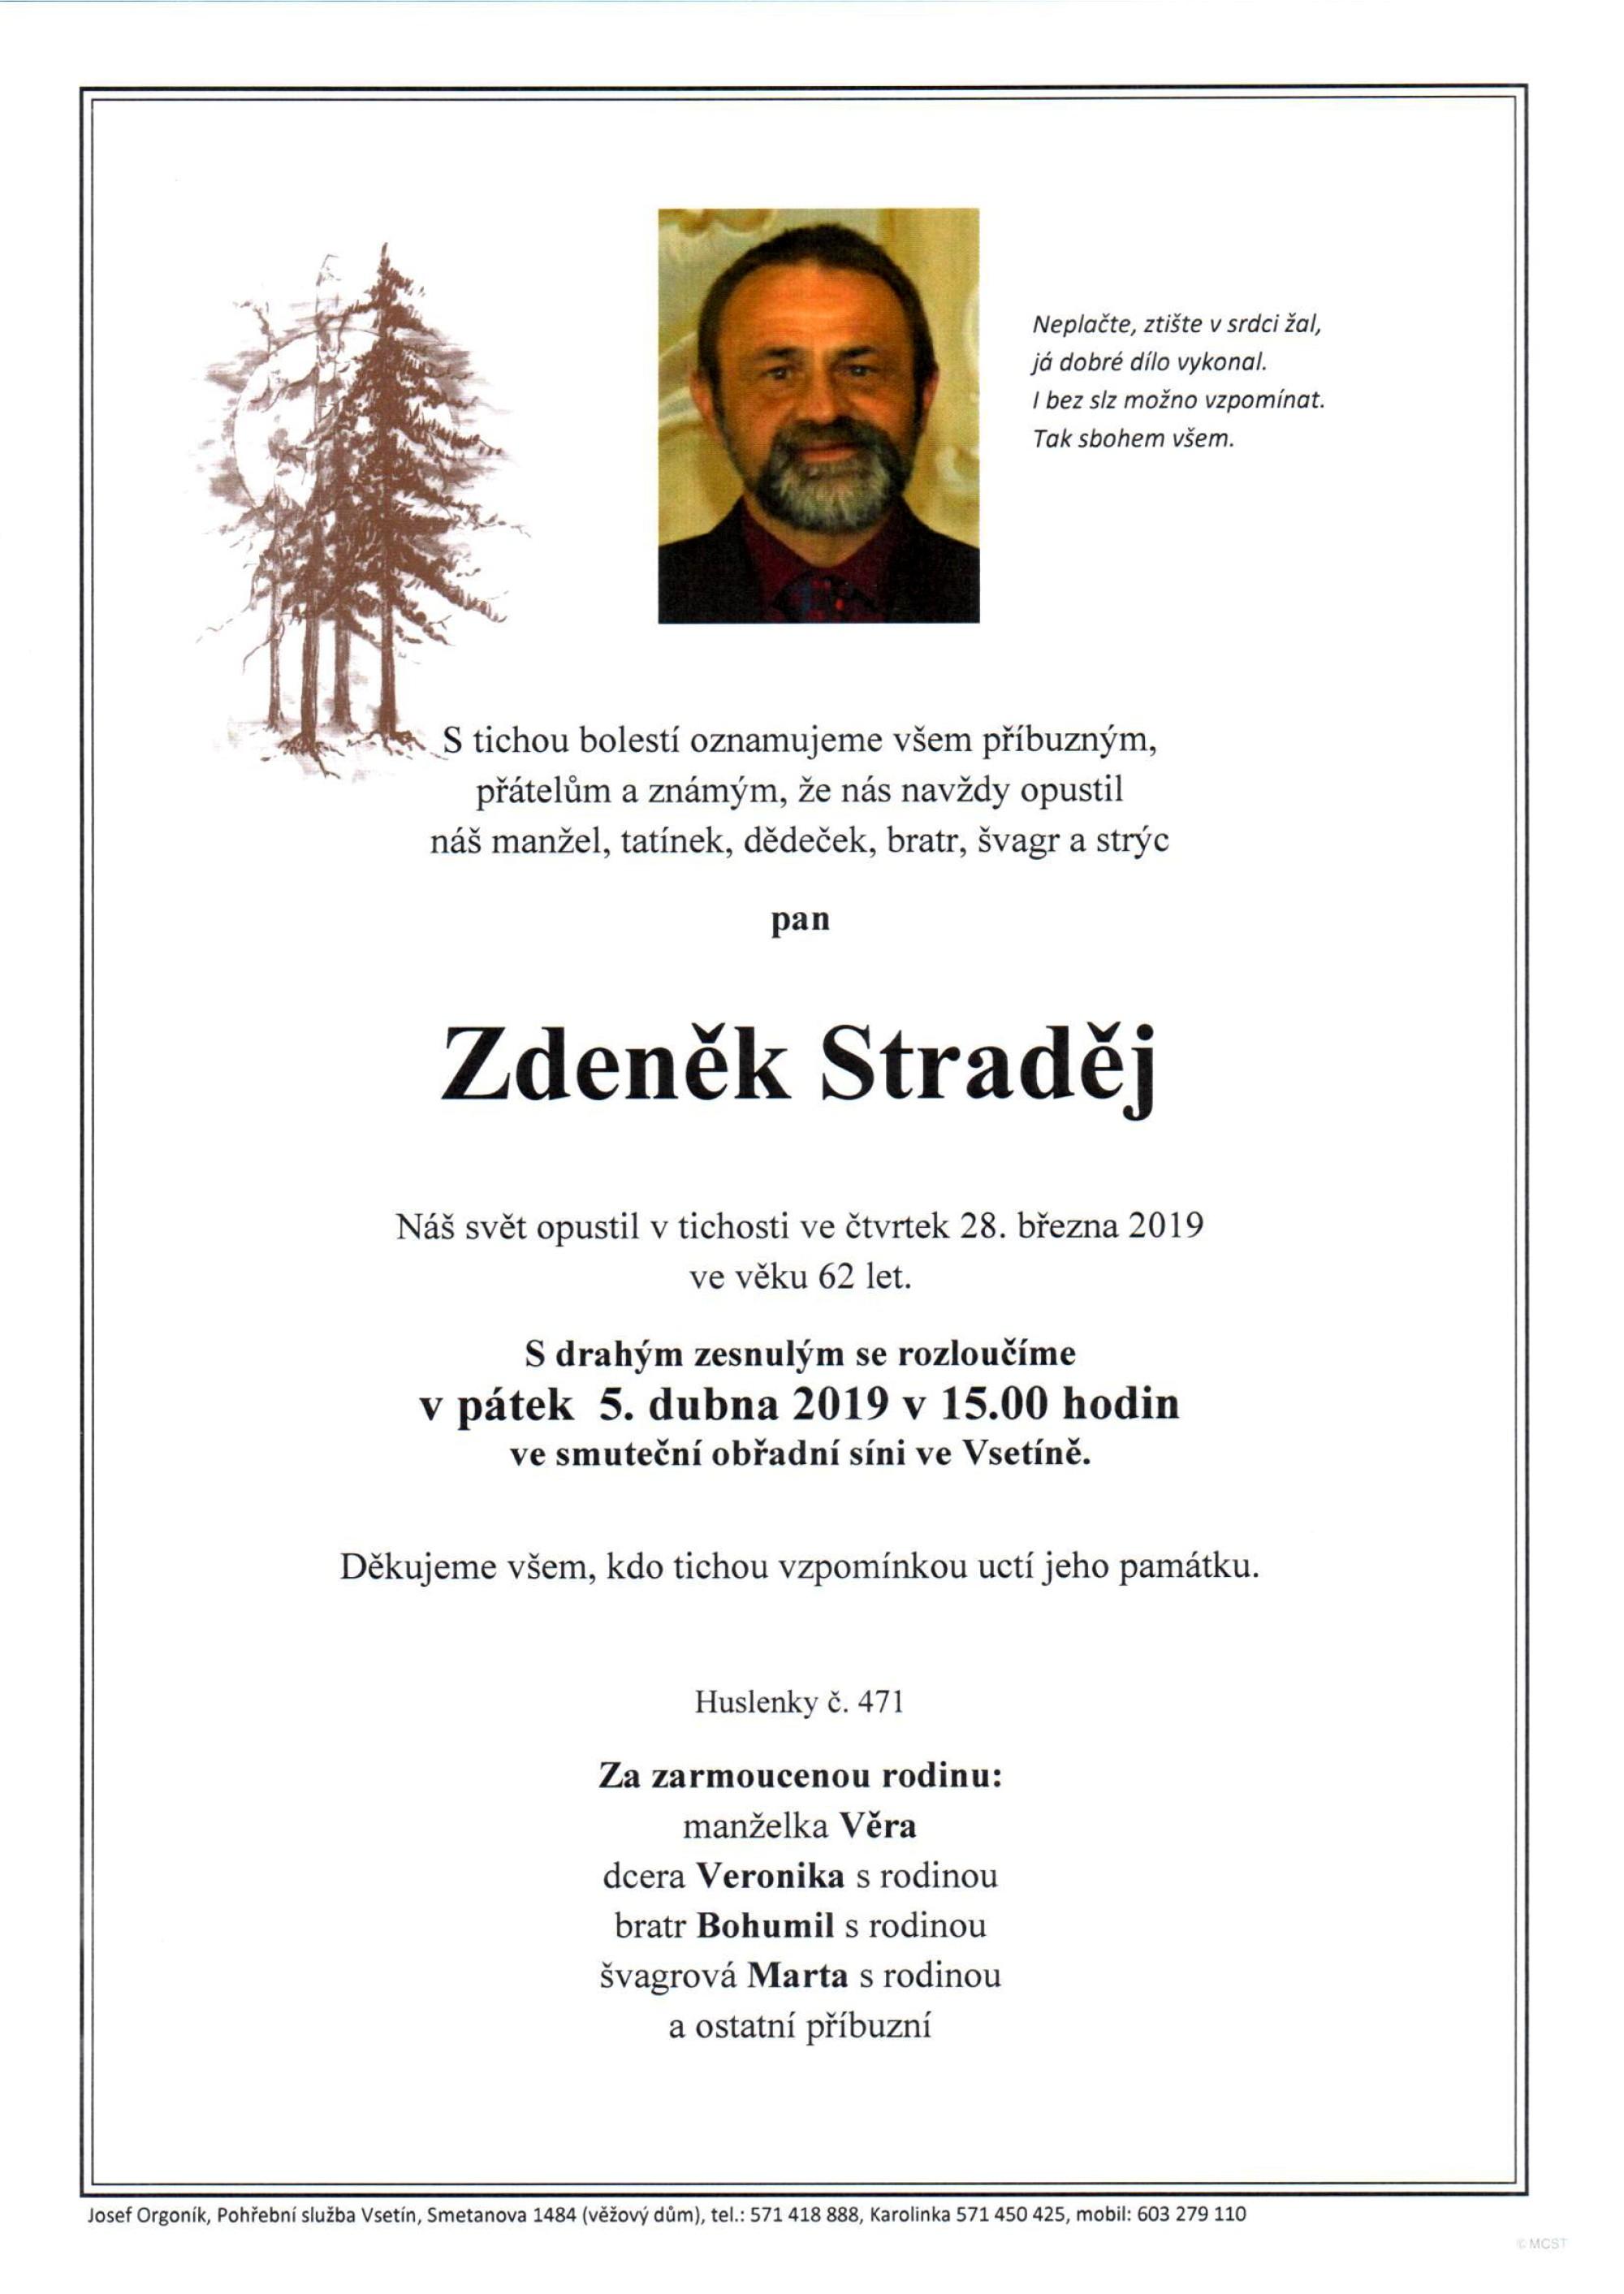 Zdeněk Straděj